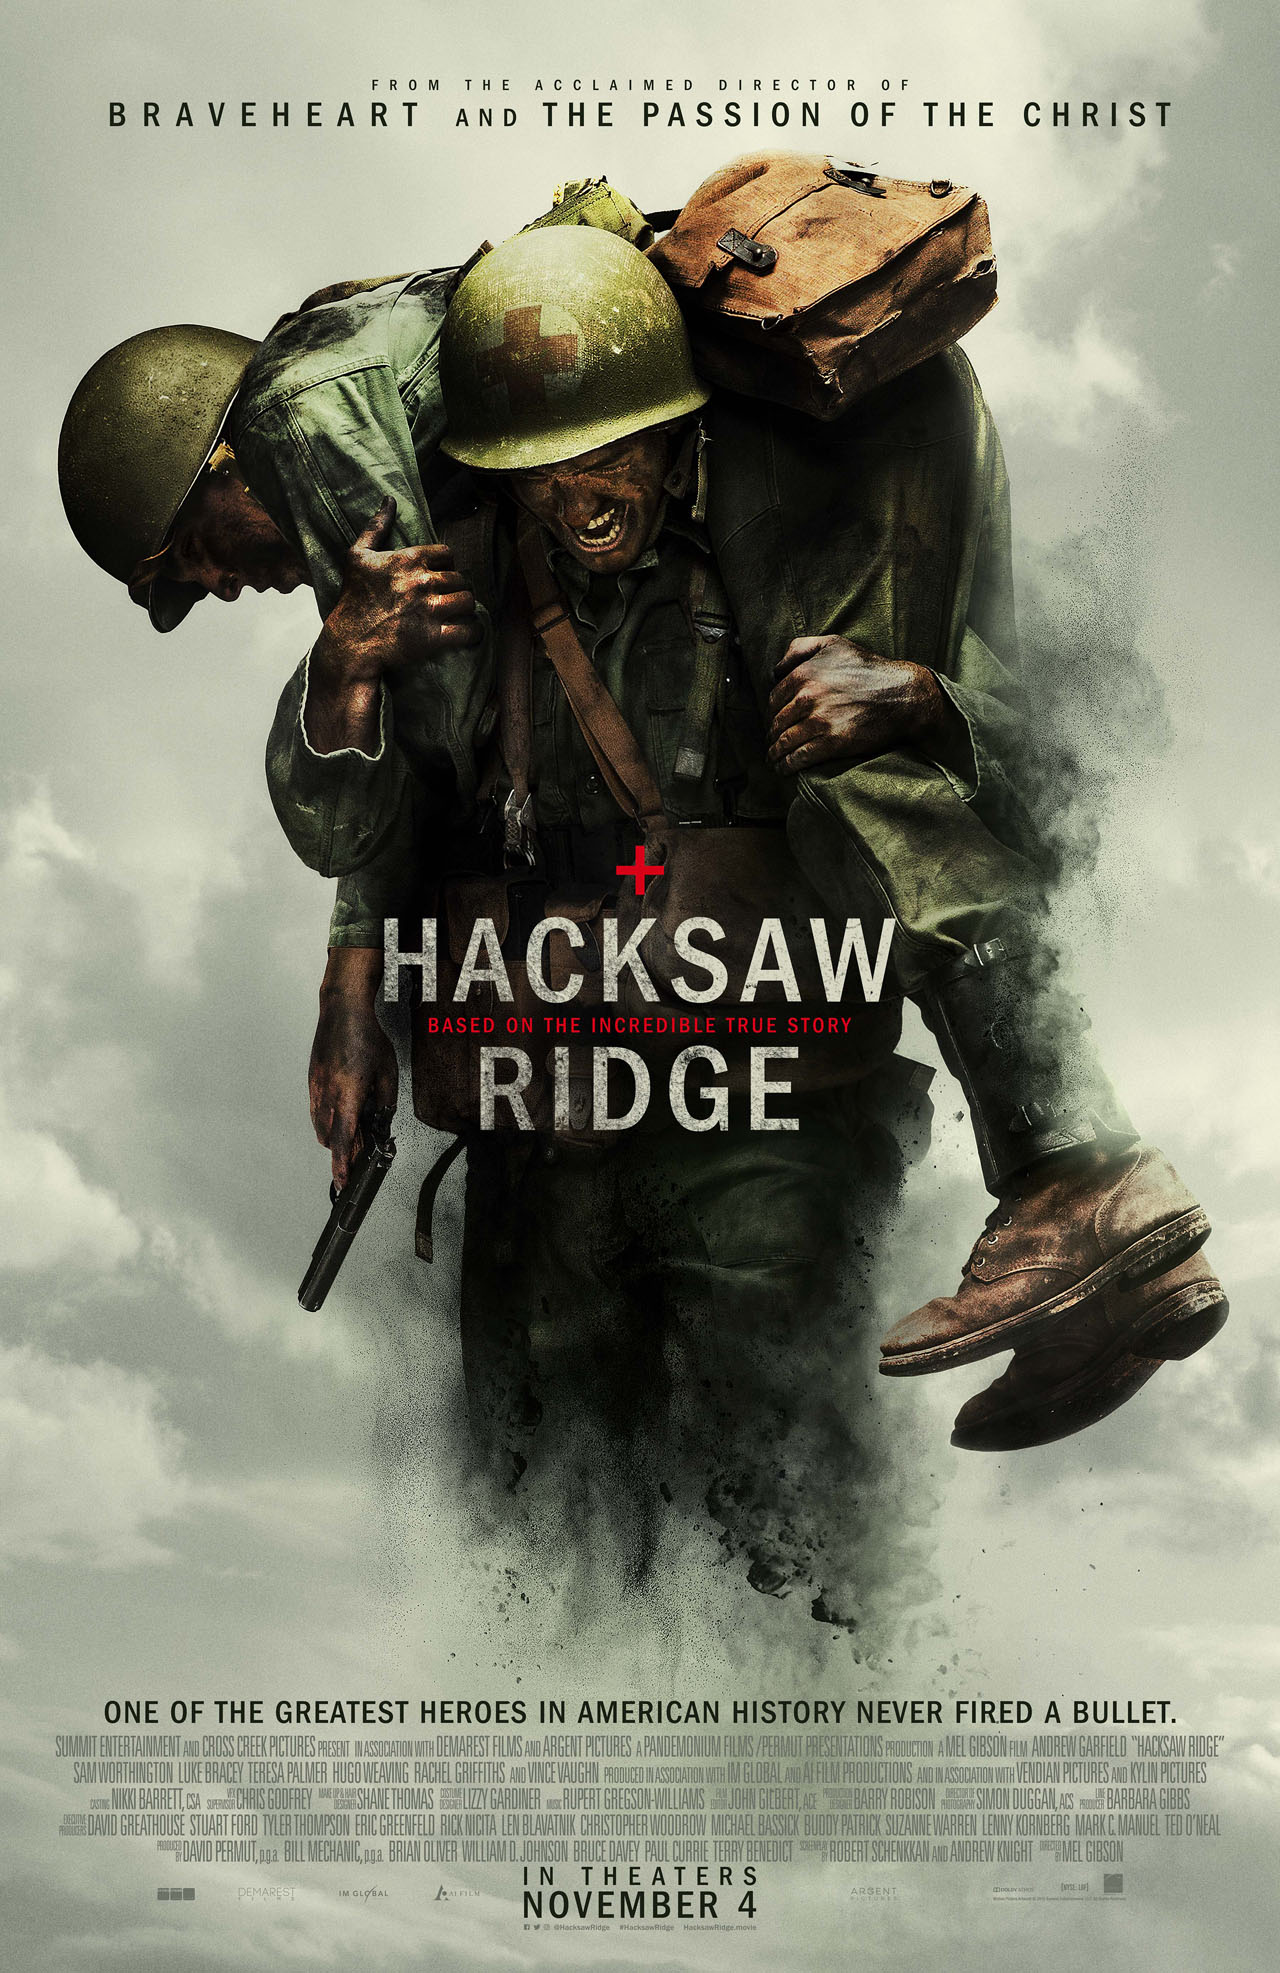 Hacksaw Ridge poster